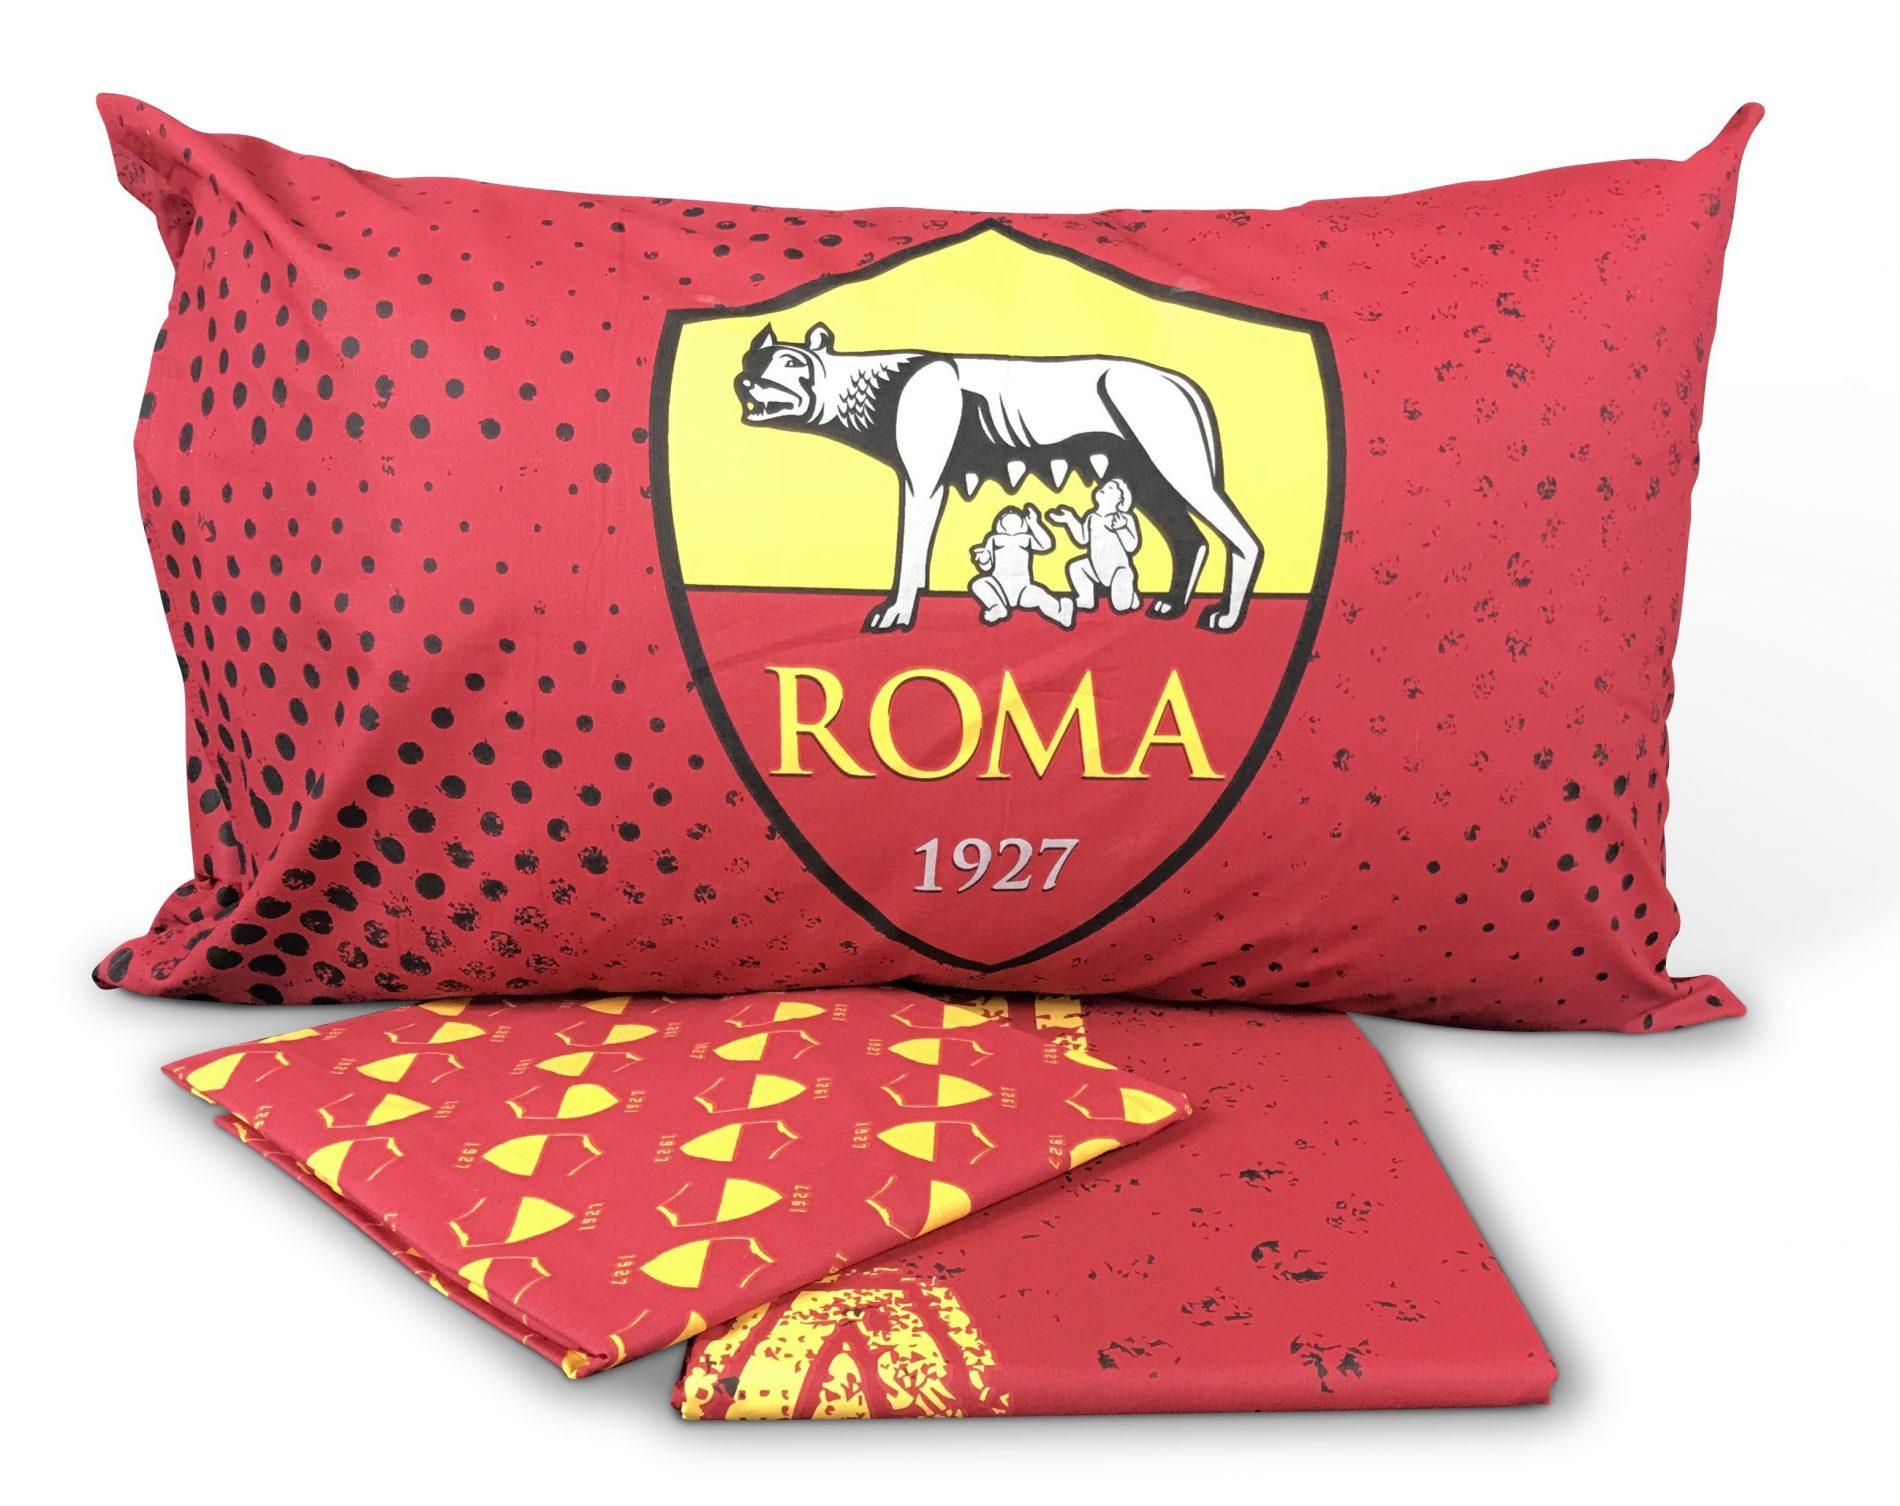 Completo letto lenzuola as roma ufficiale letto singolo 1 for Letto logo